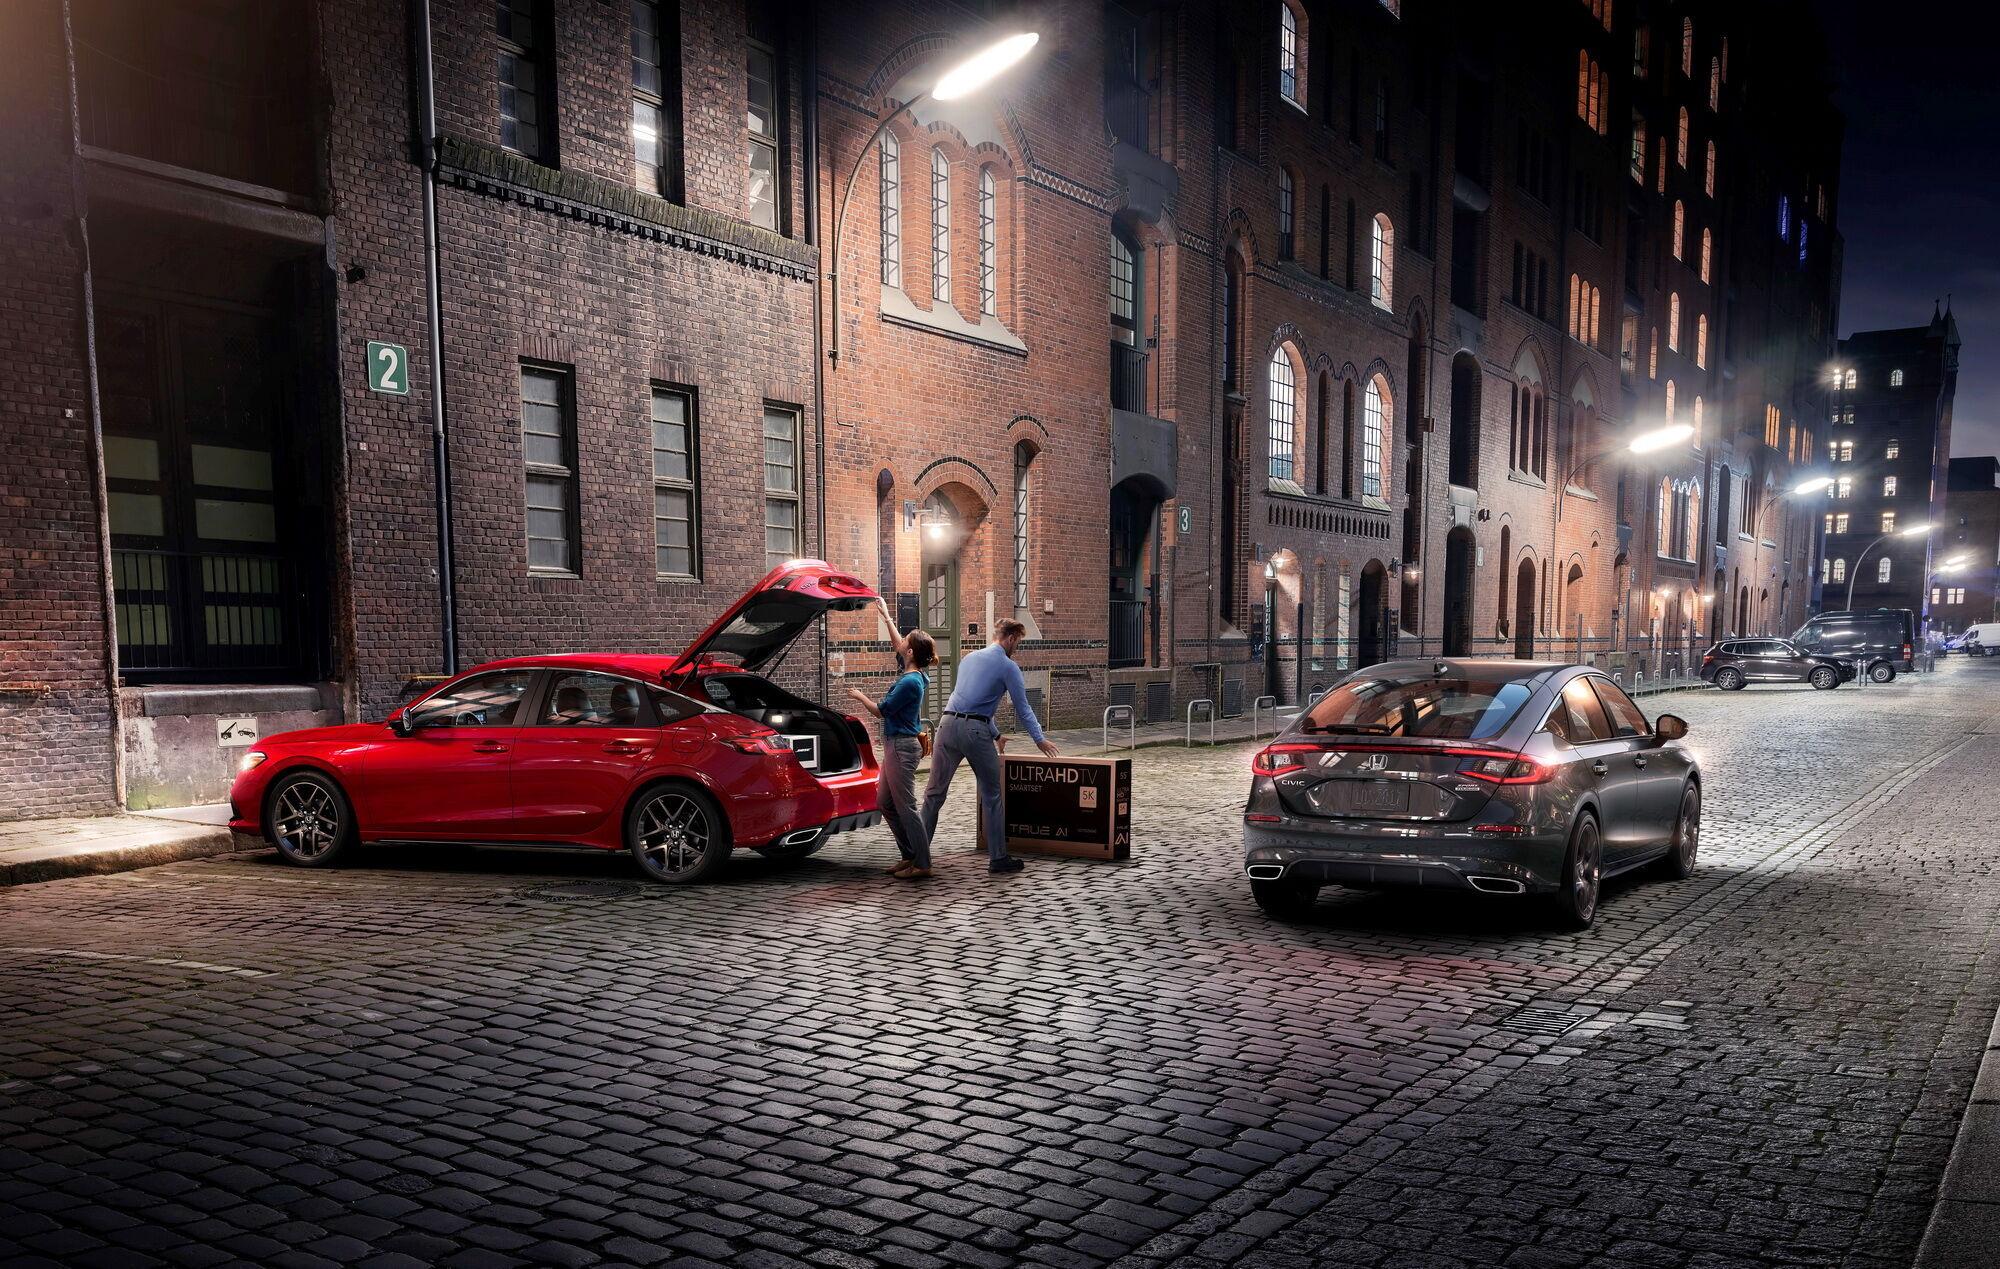 В Європі 2-літрової модифікації не буде, але зате очікується гібридна версія Civic e: HEV з бензогенератором та тяговим електродвигуном